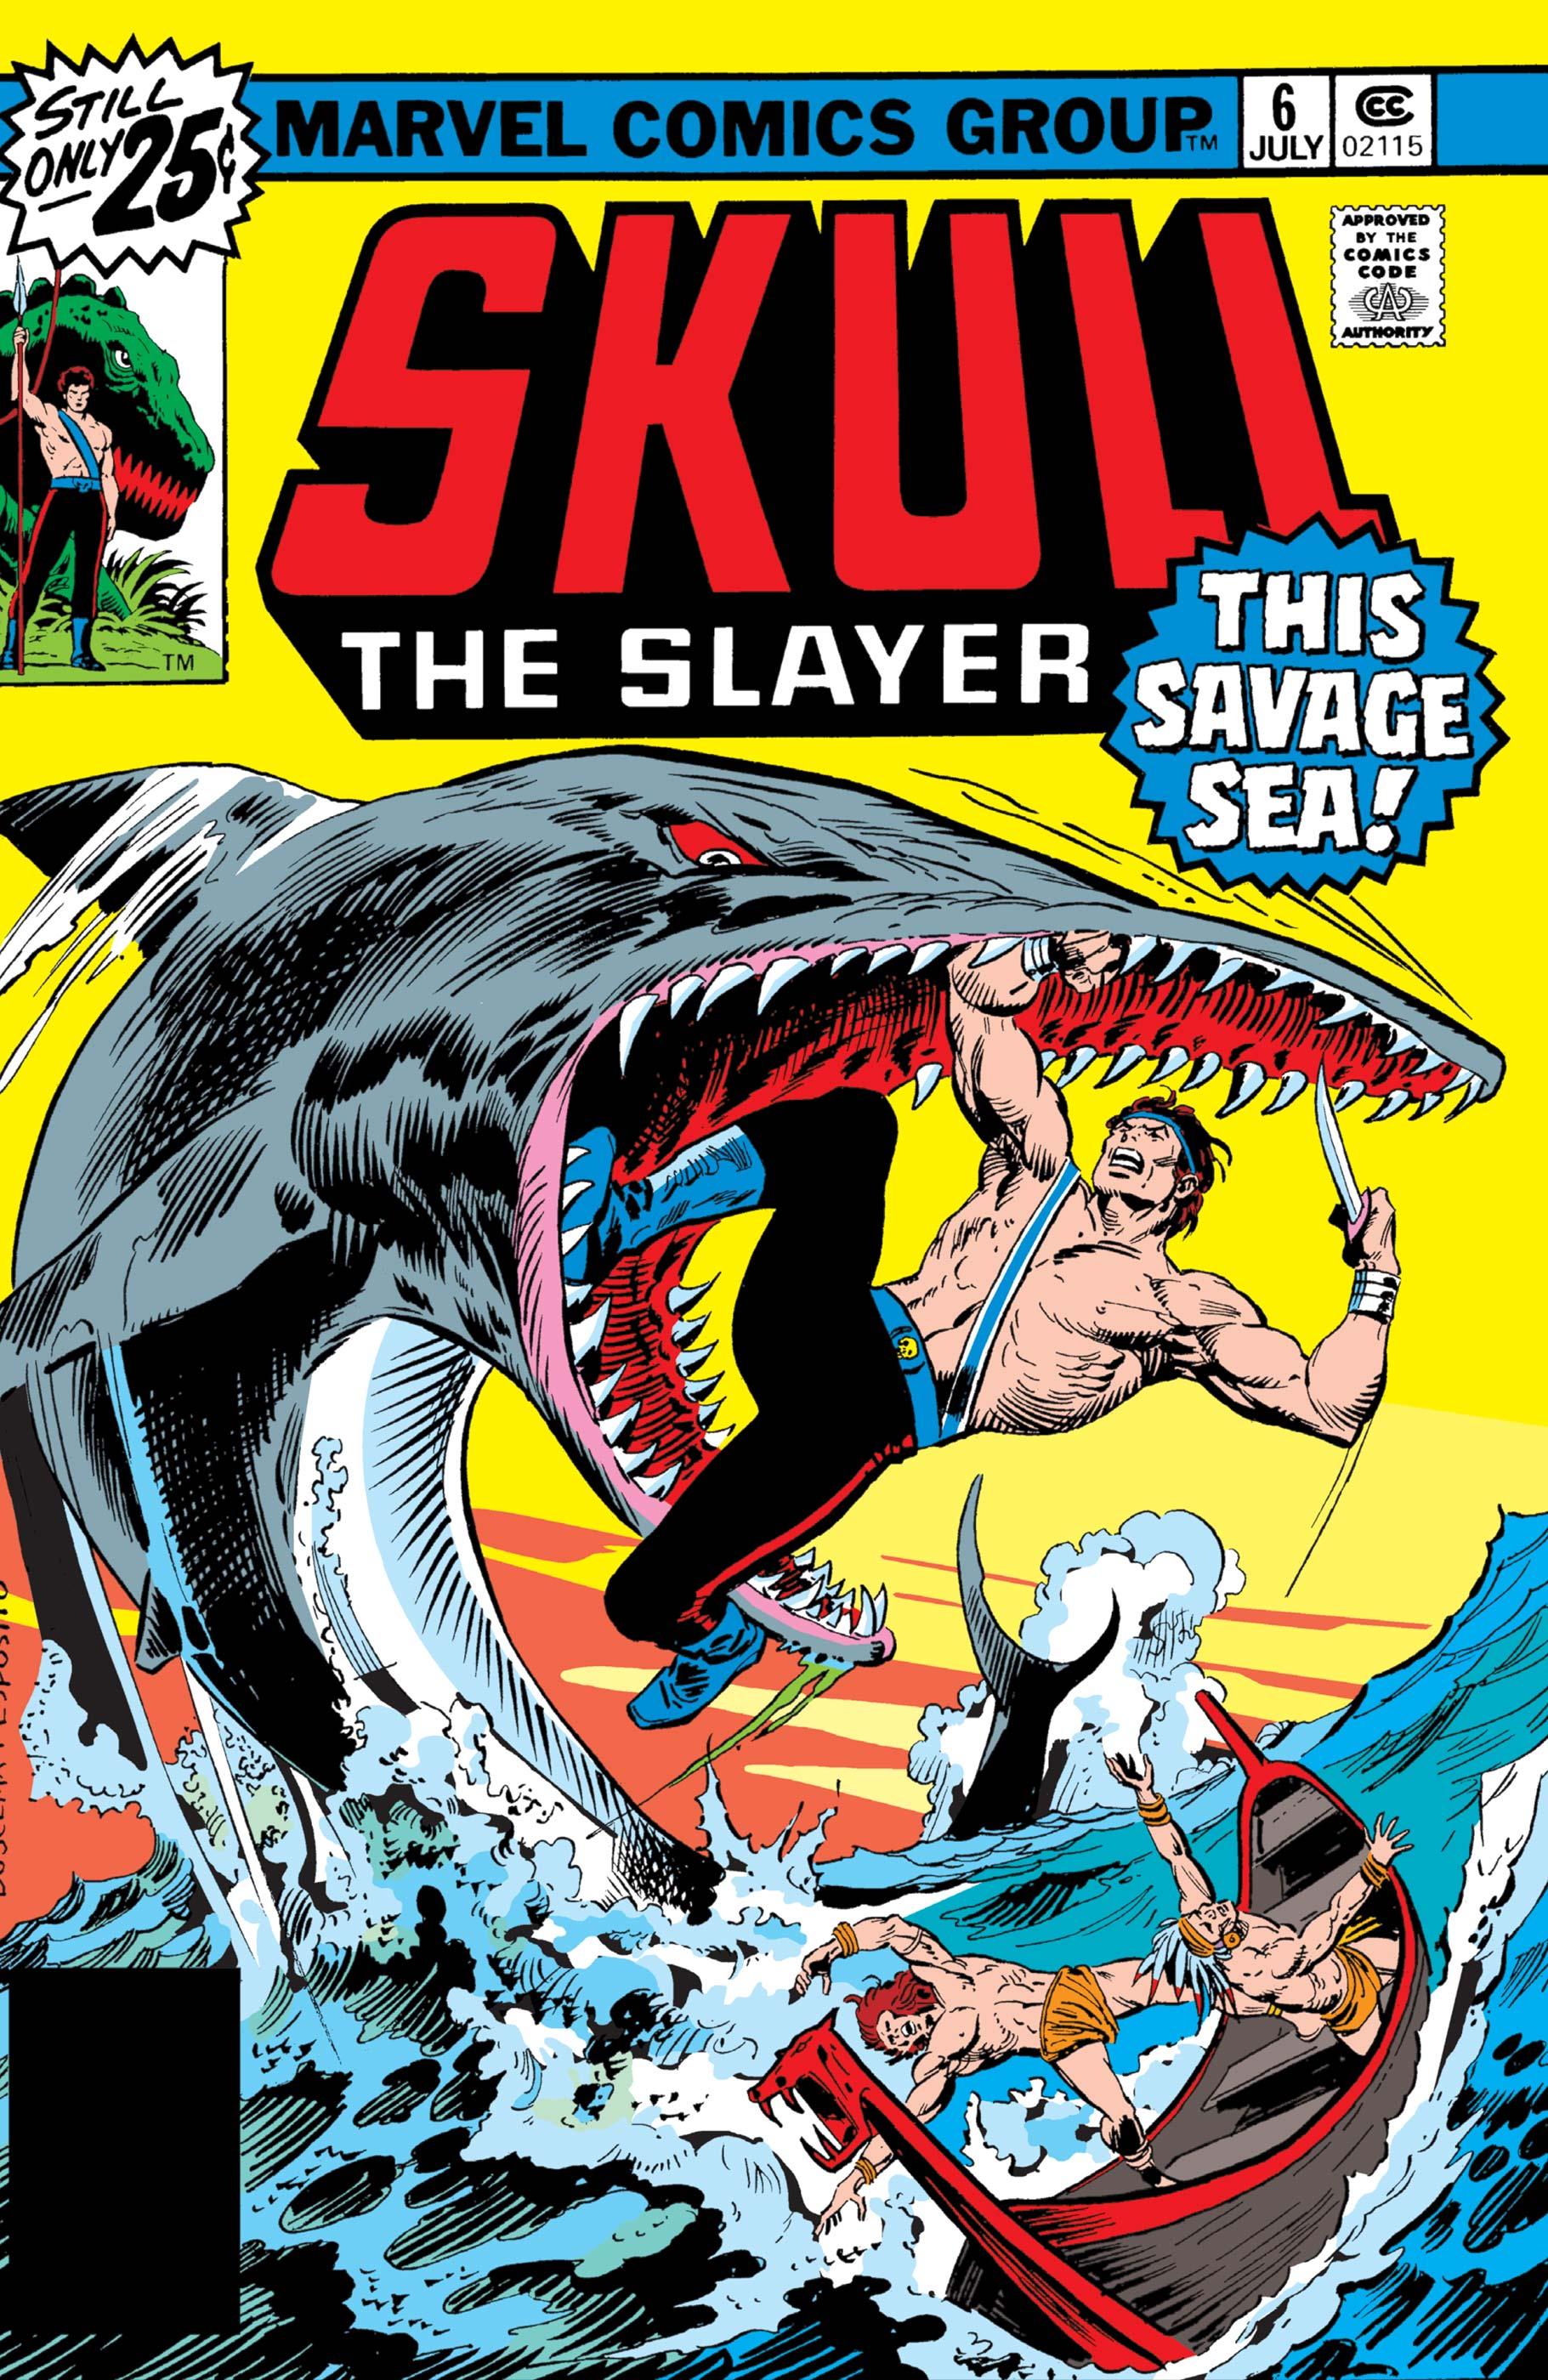 Skull the Slayer (1975) #6